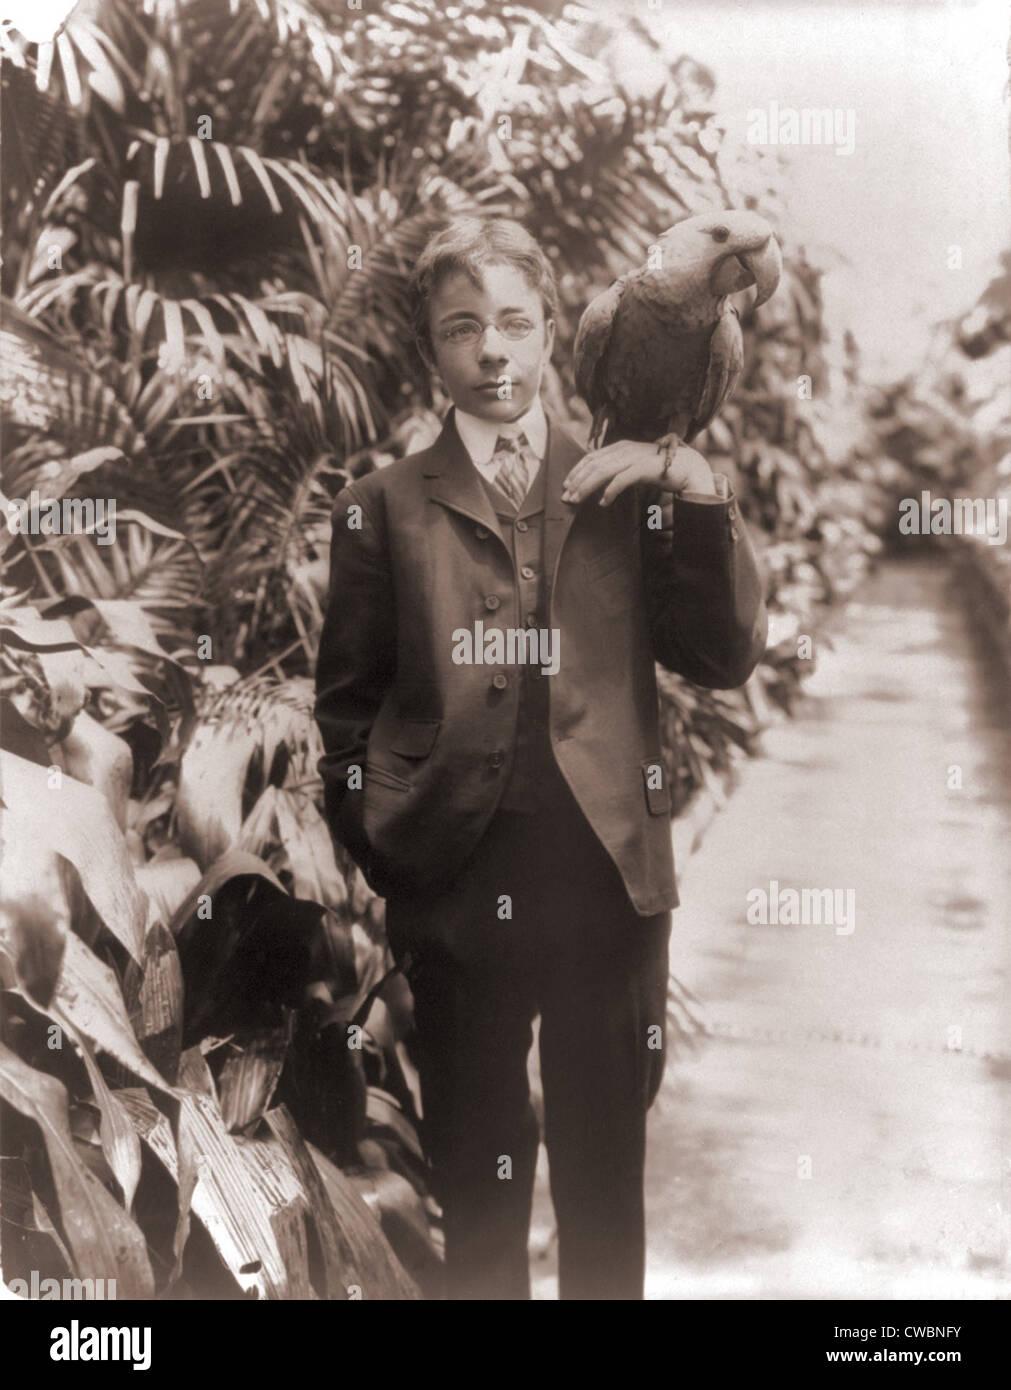 Theodore Roosevelt, Jr., con un guacamayo azul, llamado Eli Yale. 1902 Fotografía por Frances Benjamin Johnston. Imagen De Stock